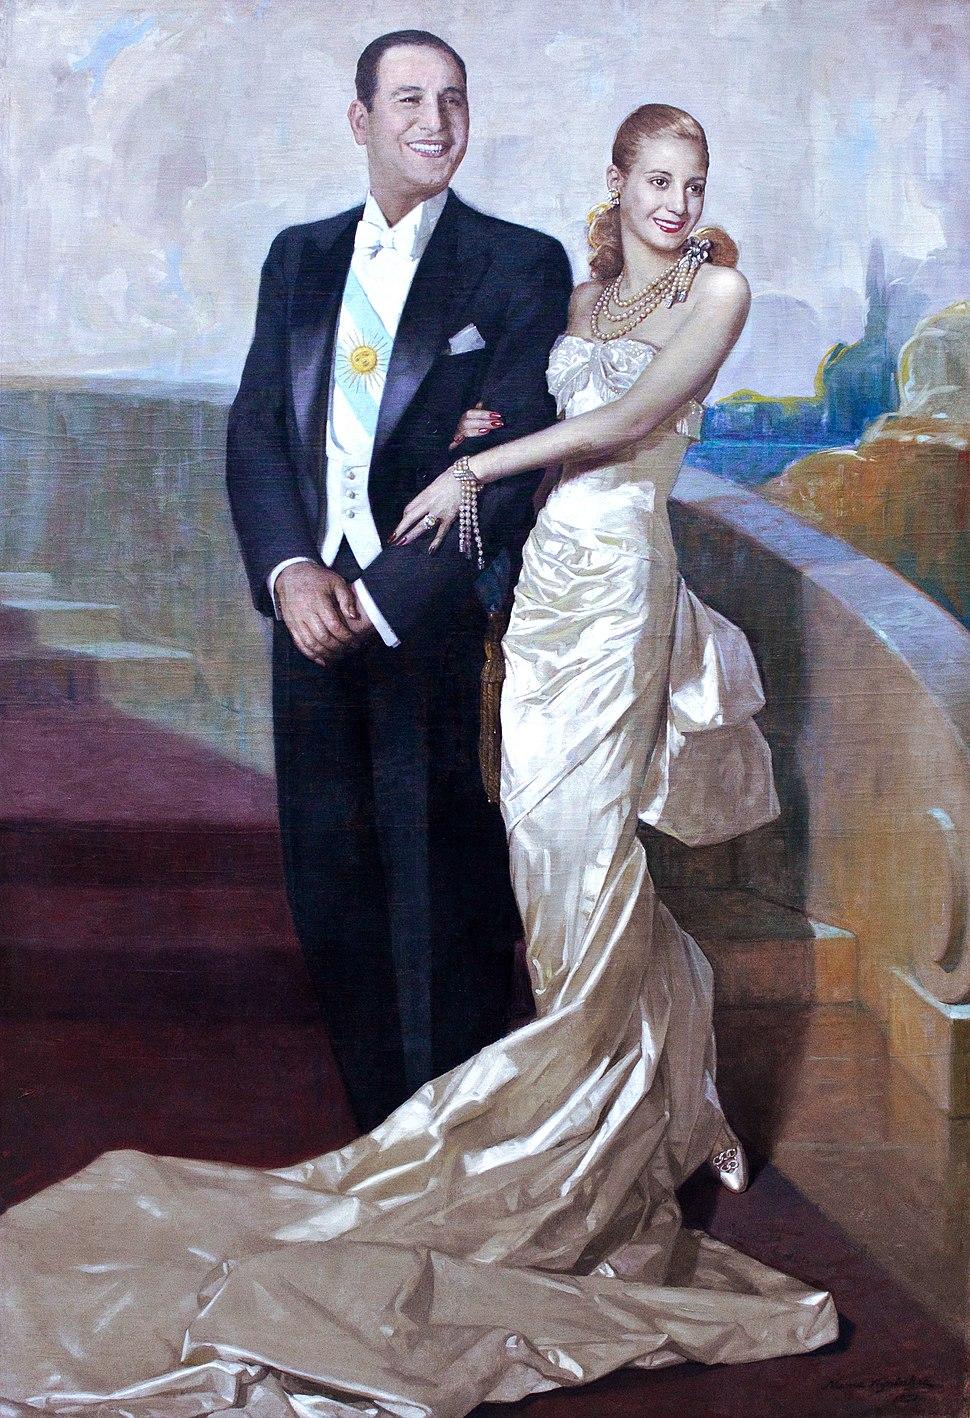 Museo del Bicentenario - %22Retrato de Juan Domingo Per%C3%B3n y Eva Duarte%22, Numa Ayrinhac